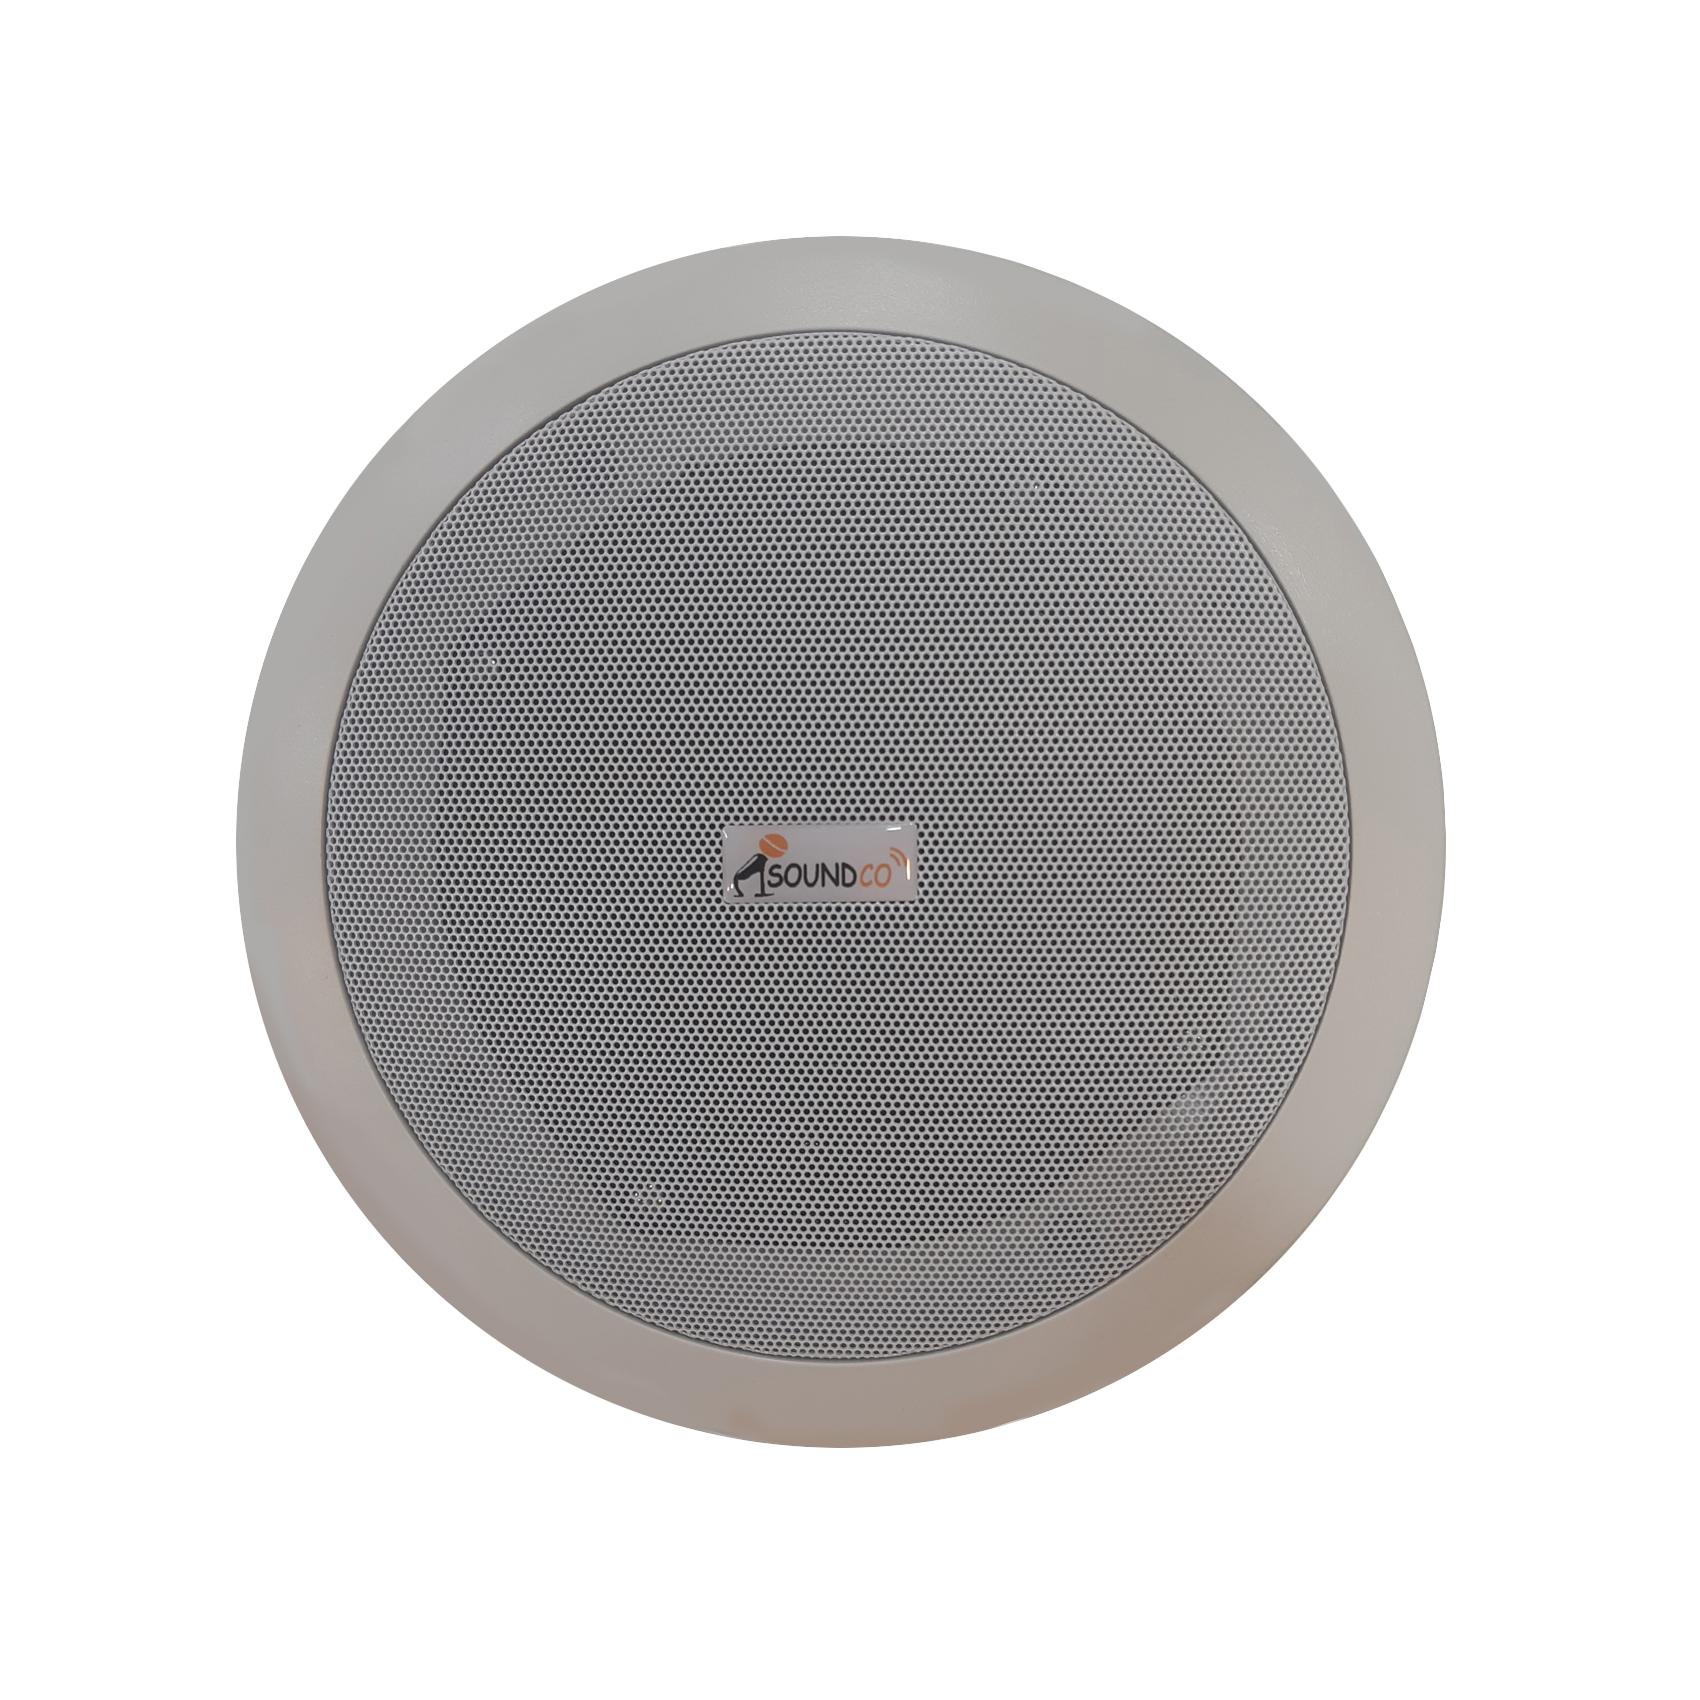 Soundco FC-206 Celing Speaker